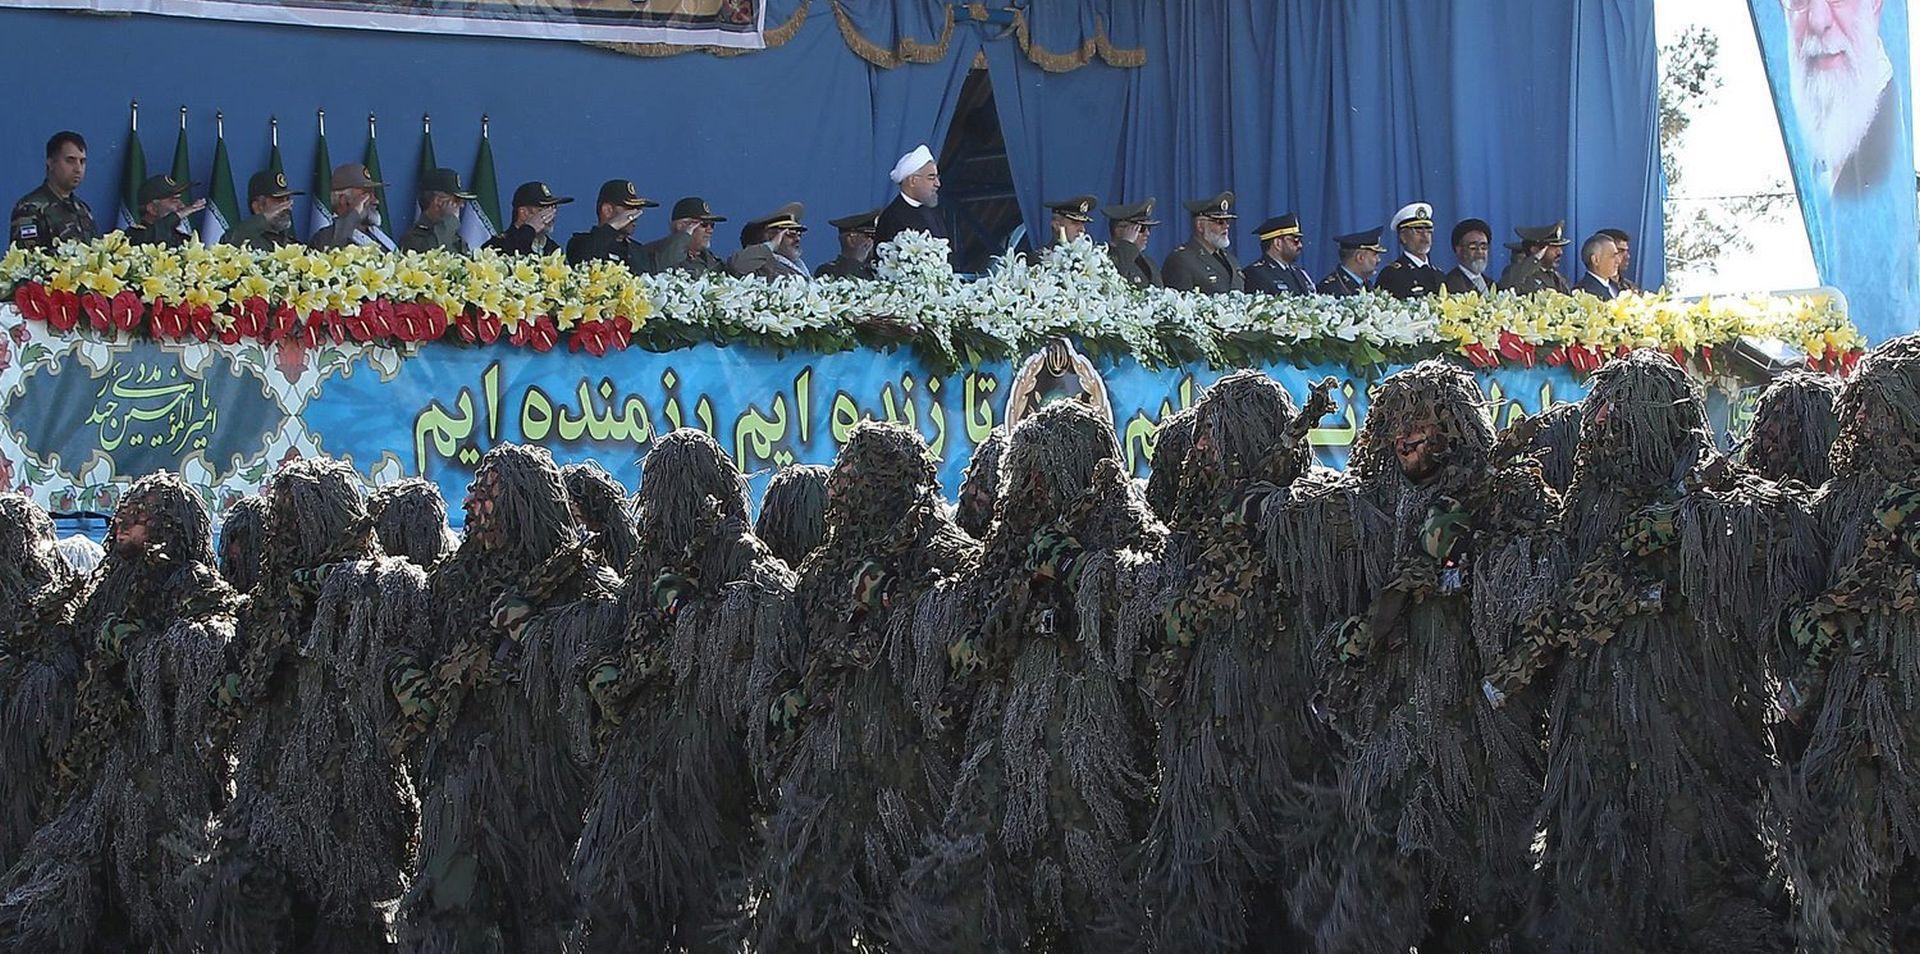 DAN VOJSKE U TEHERANU Iran pokazao ruski sustav S-300